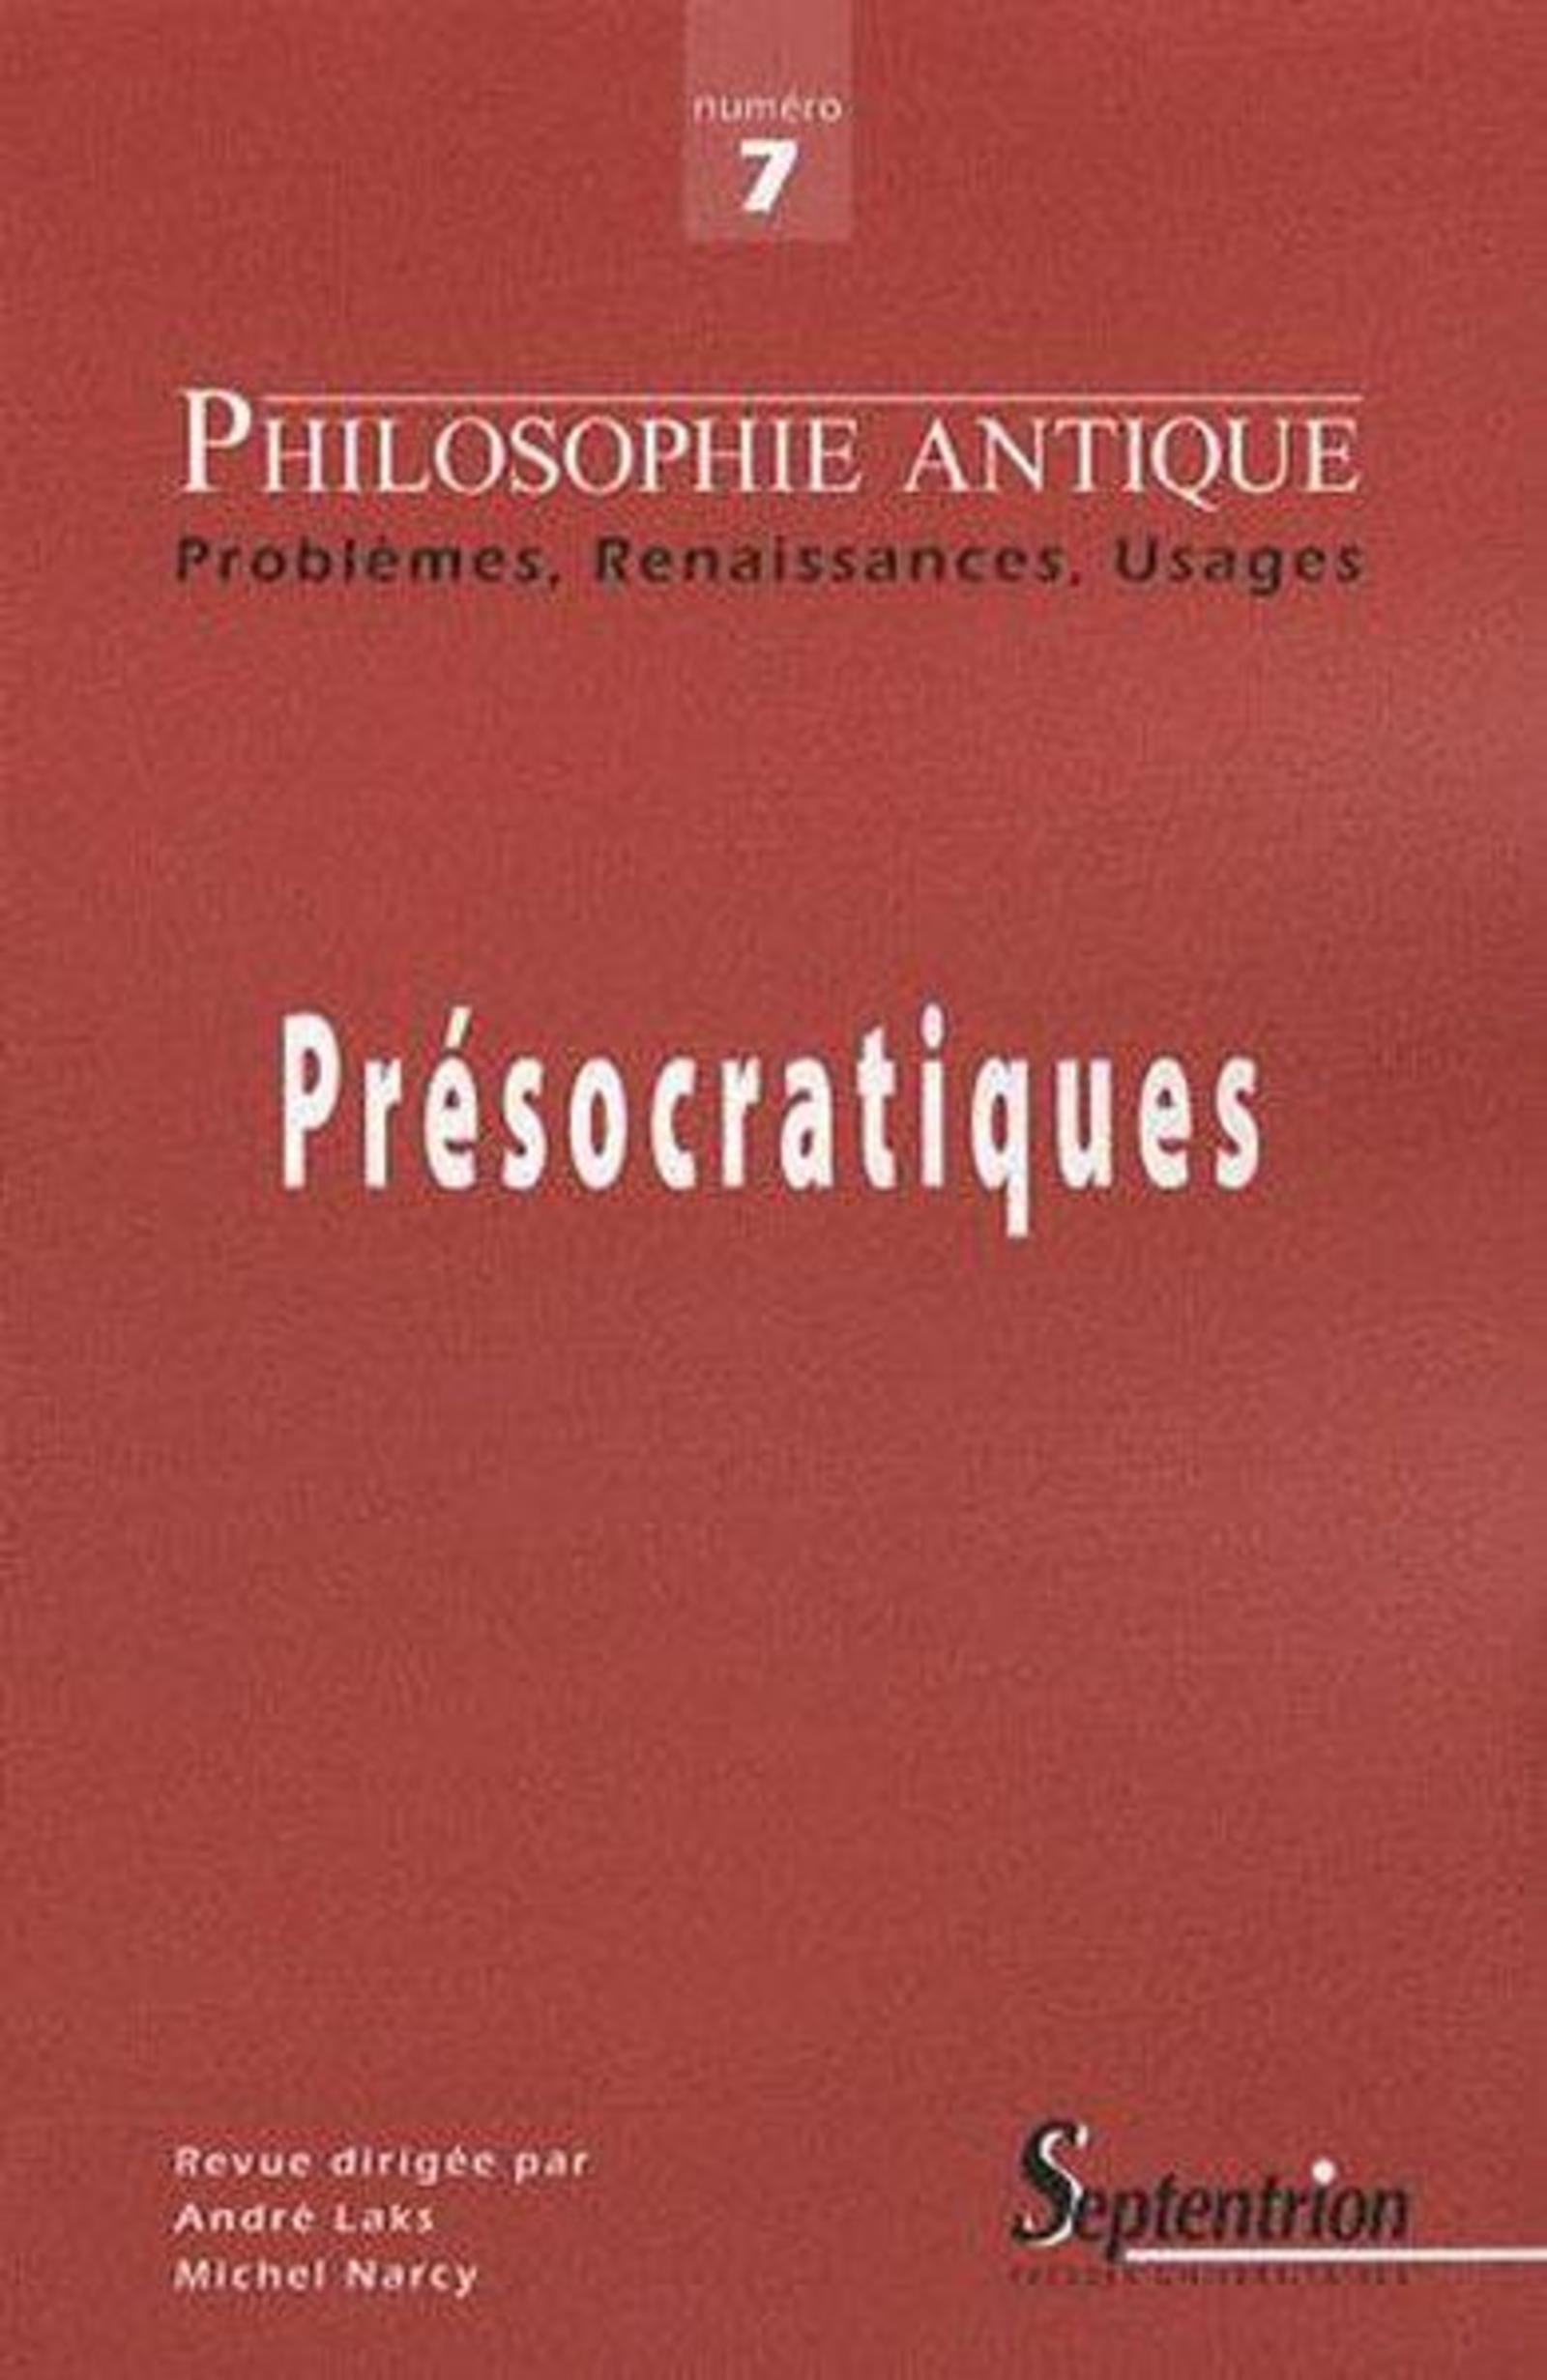 PHILOSOPHIE ANTIQUE N 7 - PRESOCRATIQUES